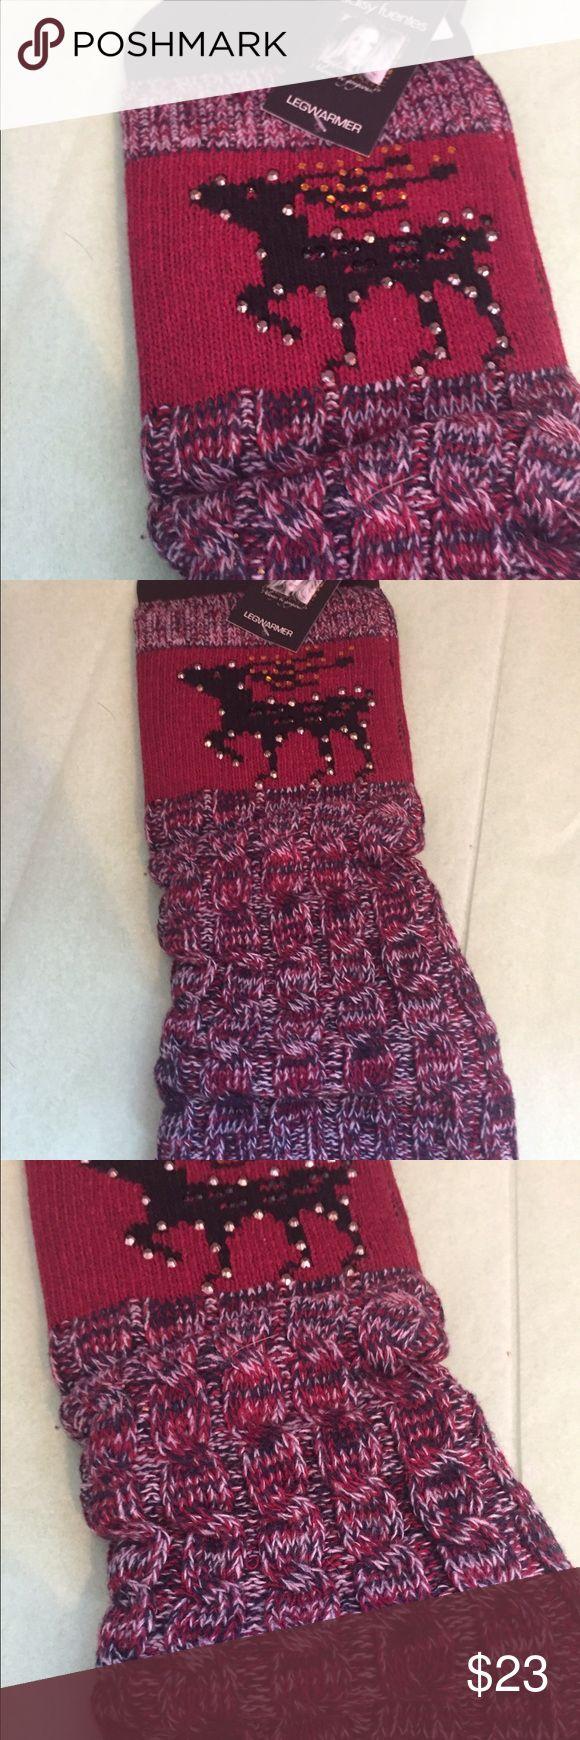 DAISY FUENTES LEG WARMERS Pretty reindeer leg warmers Daisy Fuentes Accessories Hosiery & Socks